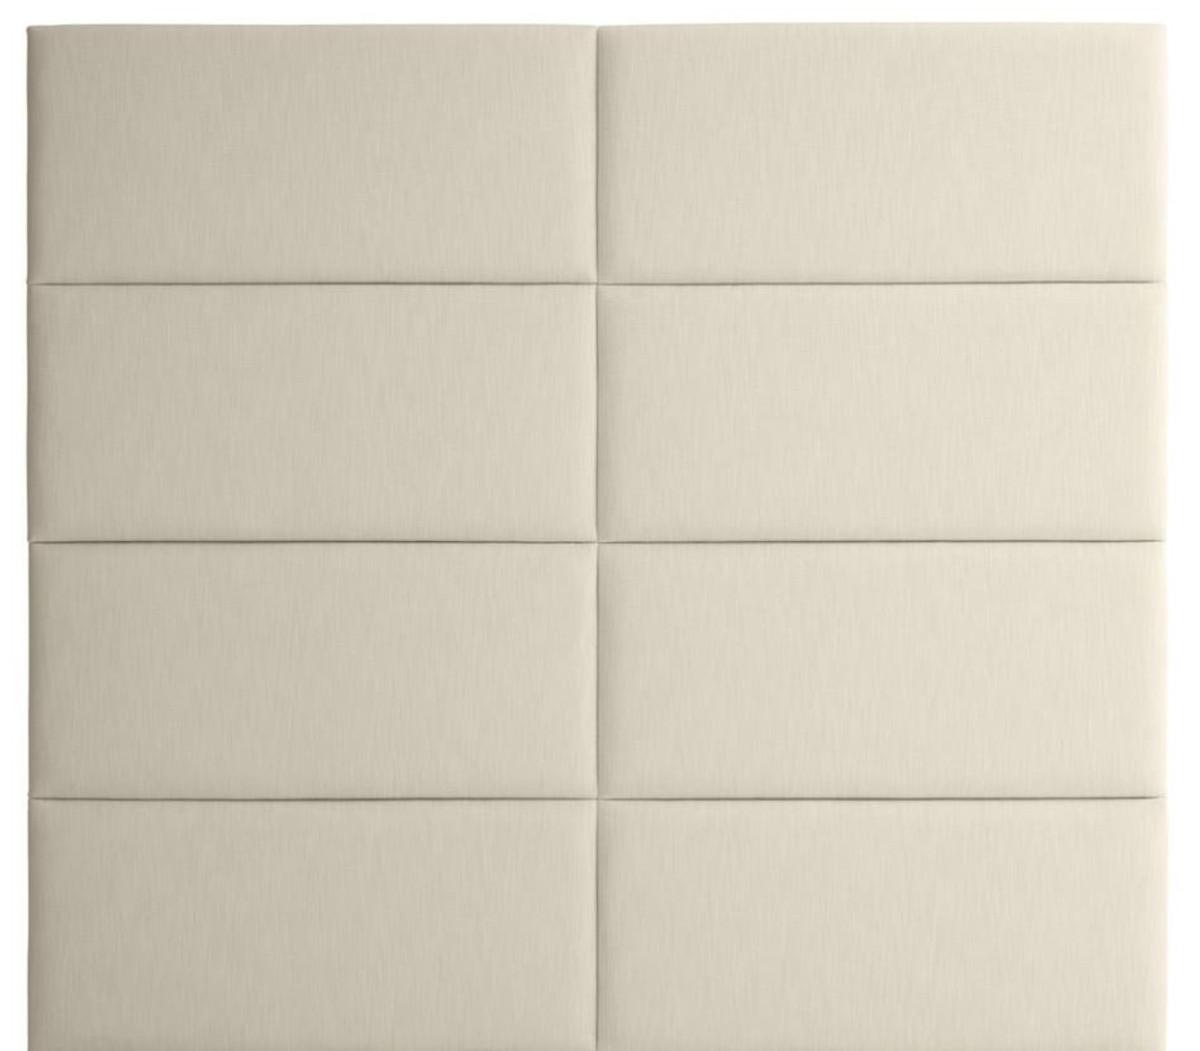 casa padrino designer bett kopfteil elfenbein 200 x h 180 cm luxus m bel betten. Black Bedroom Furniture Sets. Home Design Ideas